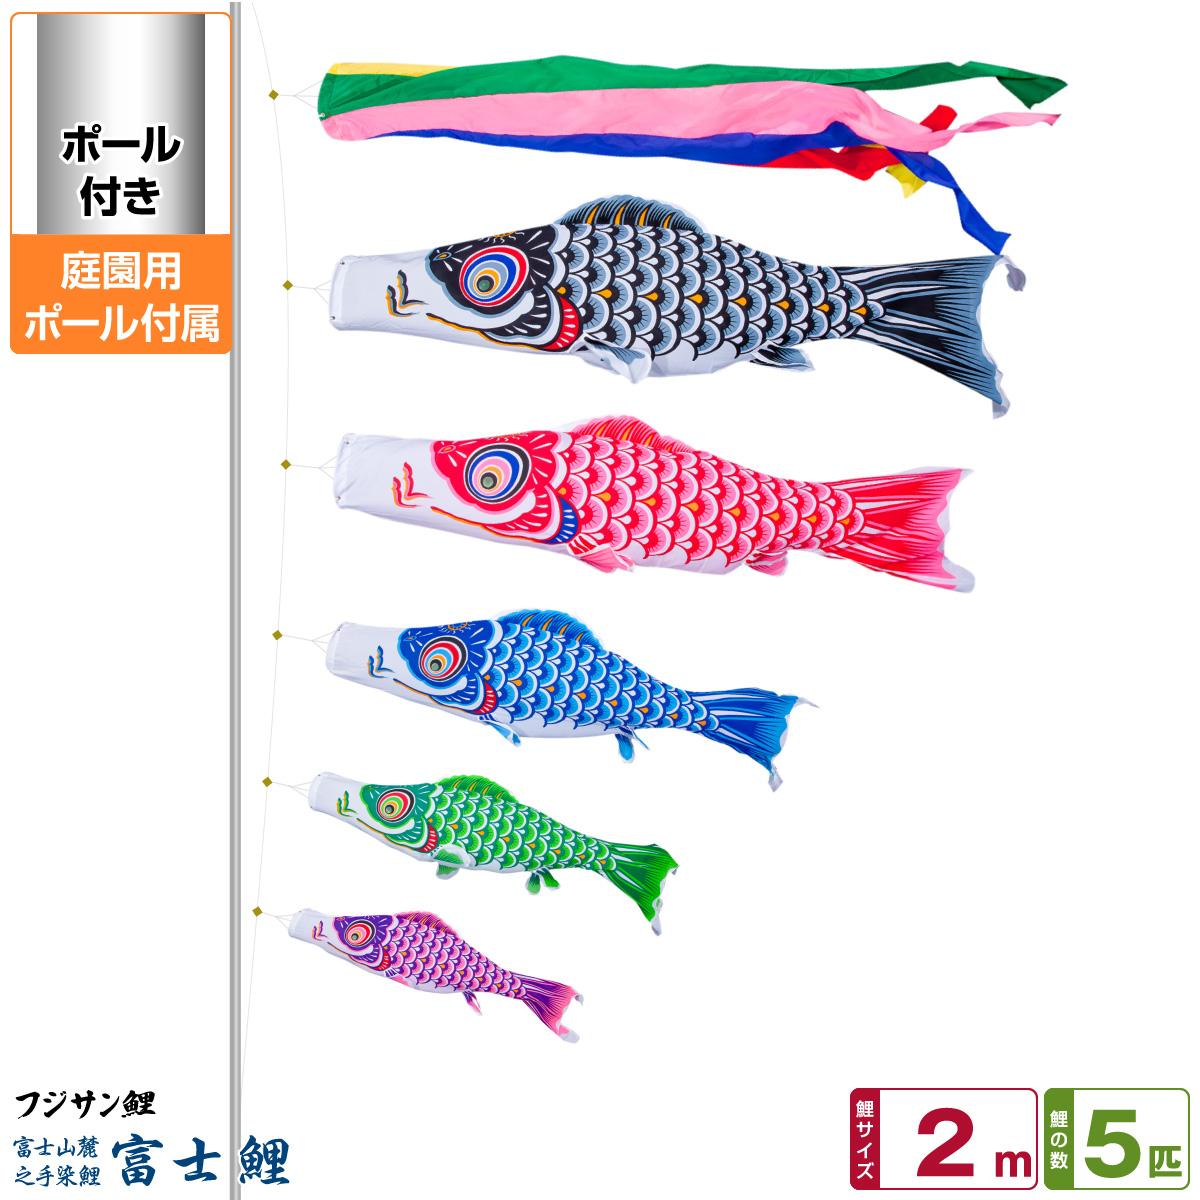 庭園用 こいのぼり 鯉のぼり フジサン鯉 富士鯉 2m 8点セット(吹流し+鯉5匹+矢車+ロープ) 庭園 ポール付属 ガーデンセット